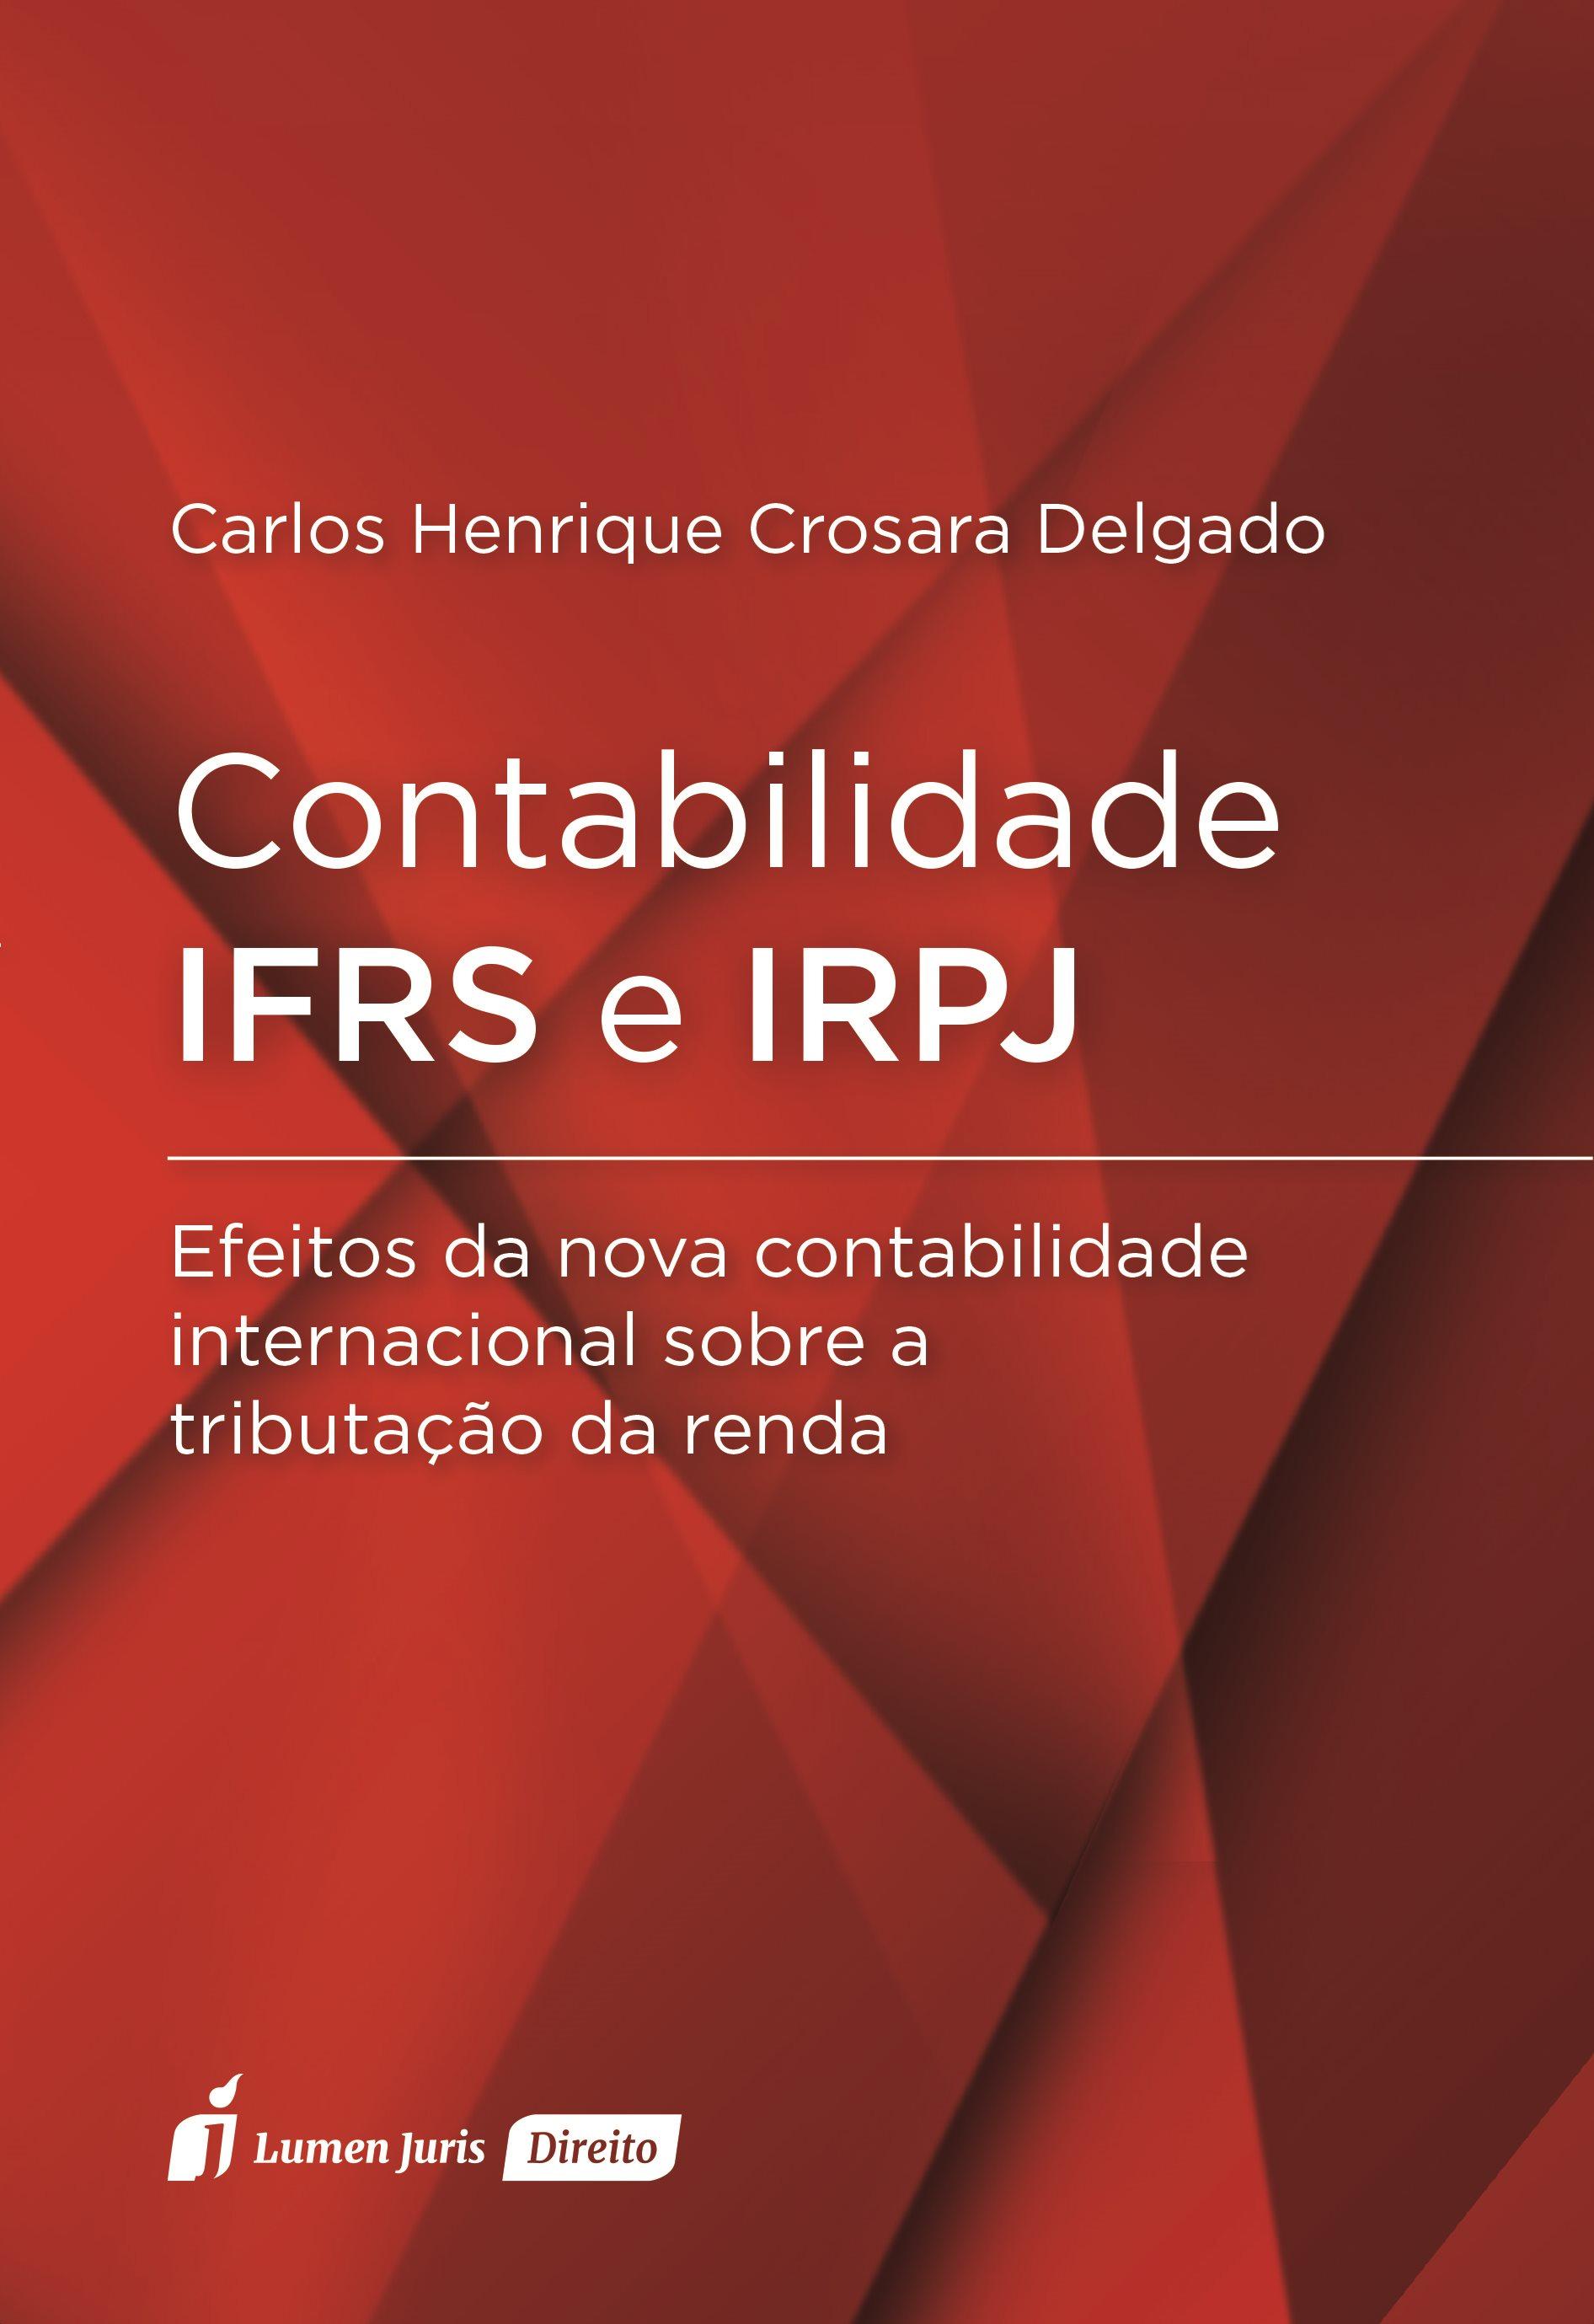 """Resultado de imagem para """"Contabilidade IFRS e IRPJ – Efeitos da nova contabilidade internacional sobre a tributação da renda""""+""""Carlos Henrique Crosara Delgado"""""""